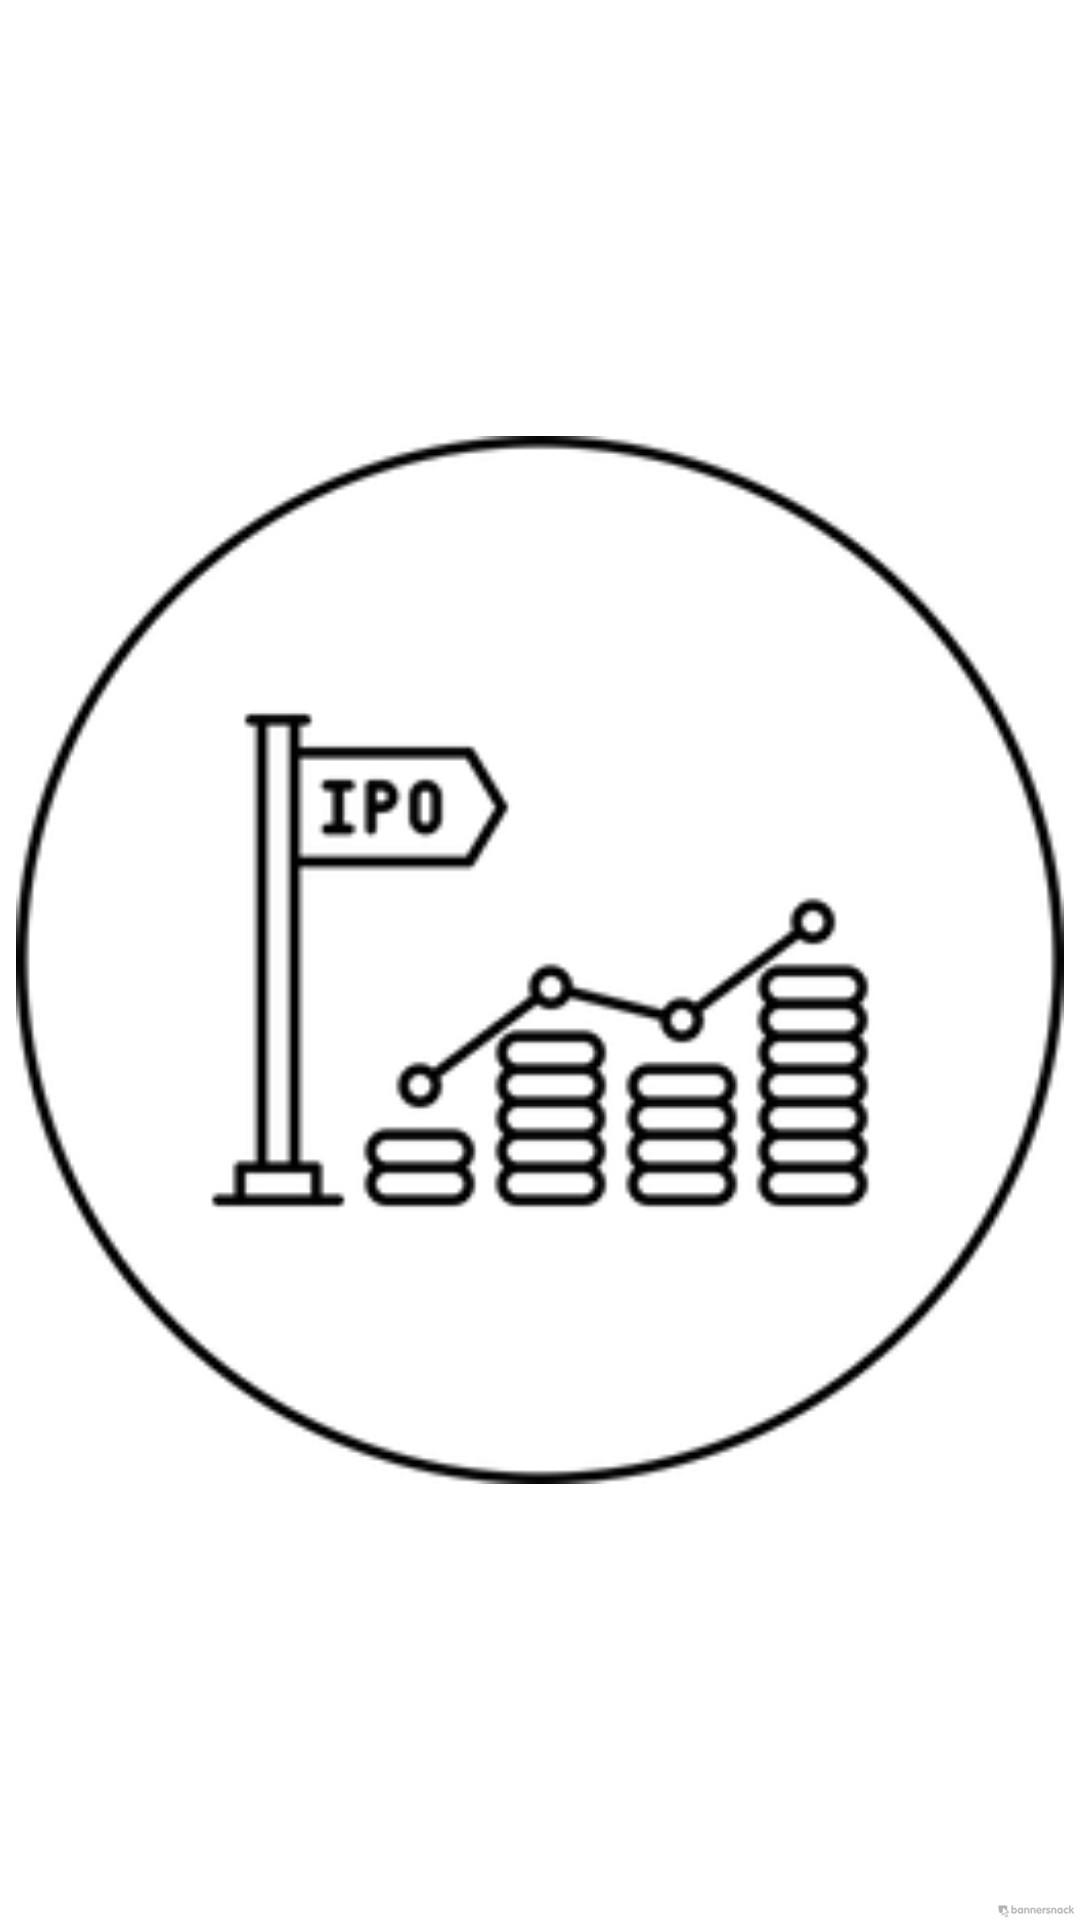 4. IPO (Pasar Perdana) - IPO adalah pasar di mana saham suatu perusahaan pertama kali dilepas untuk ditawarkan atau dijual kepada masyarakat/publik.Karena itu, perusahaan yang melakukan IPO sering disebut sedang